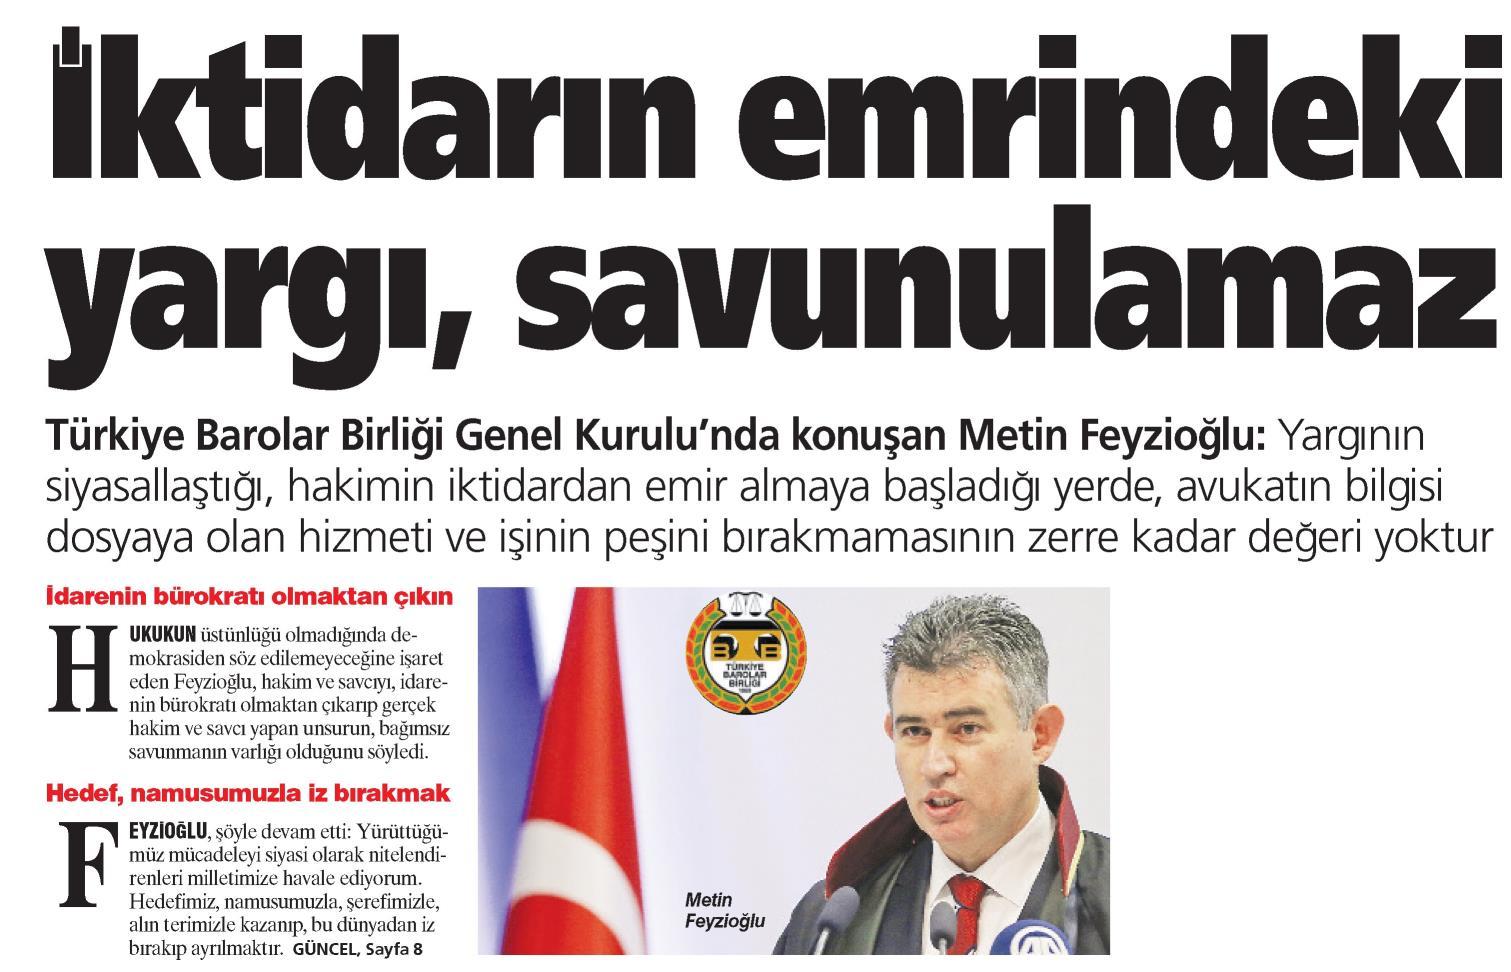 Türkiye'de Yeni Çağ, İktidarın emrindeki yargı, savunulamaz